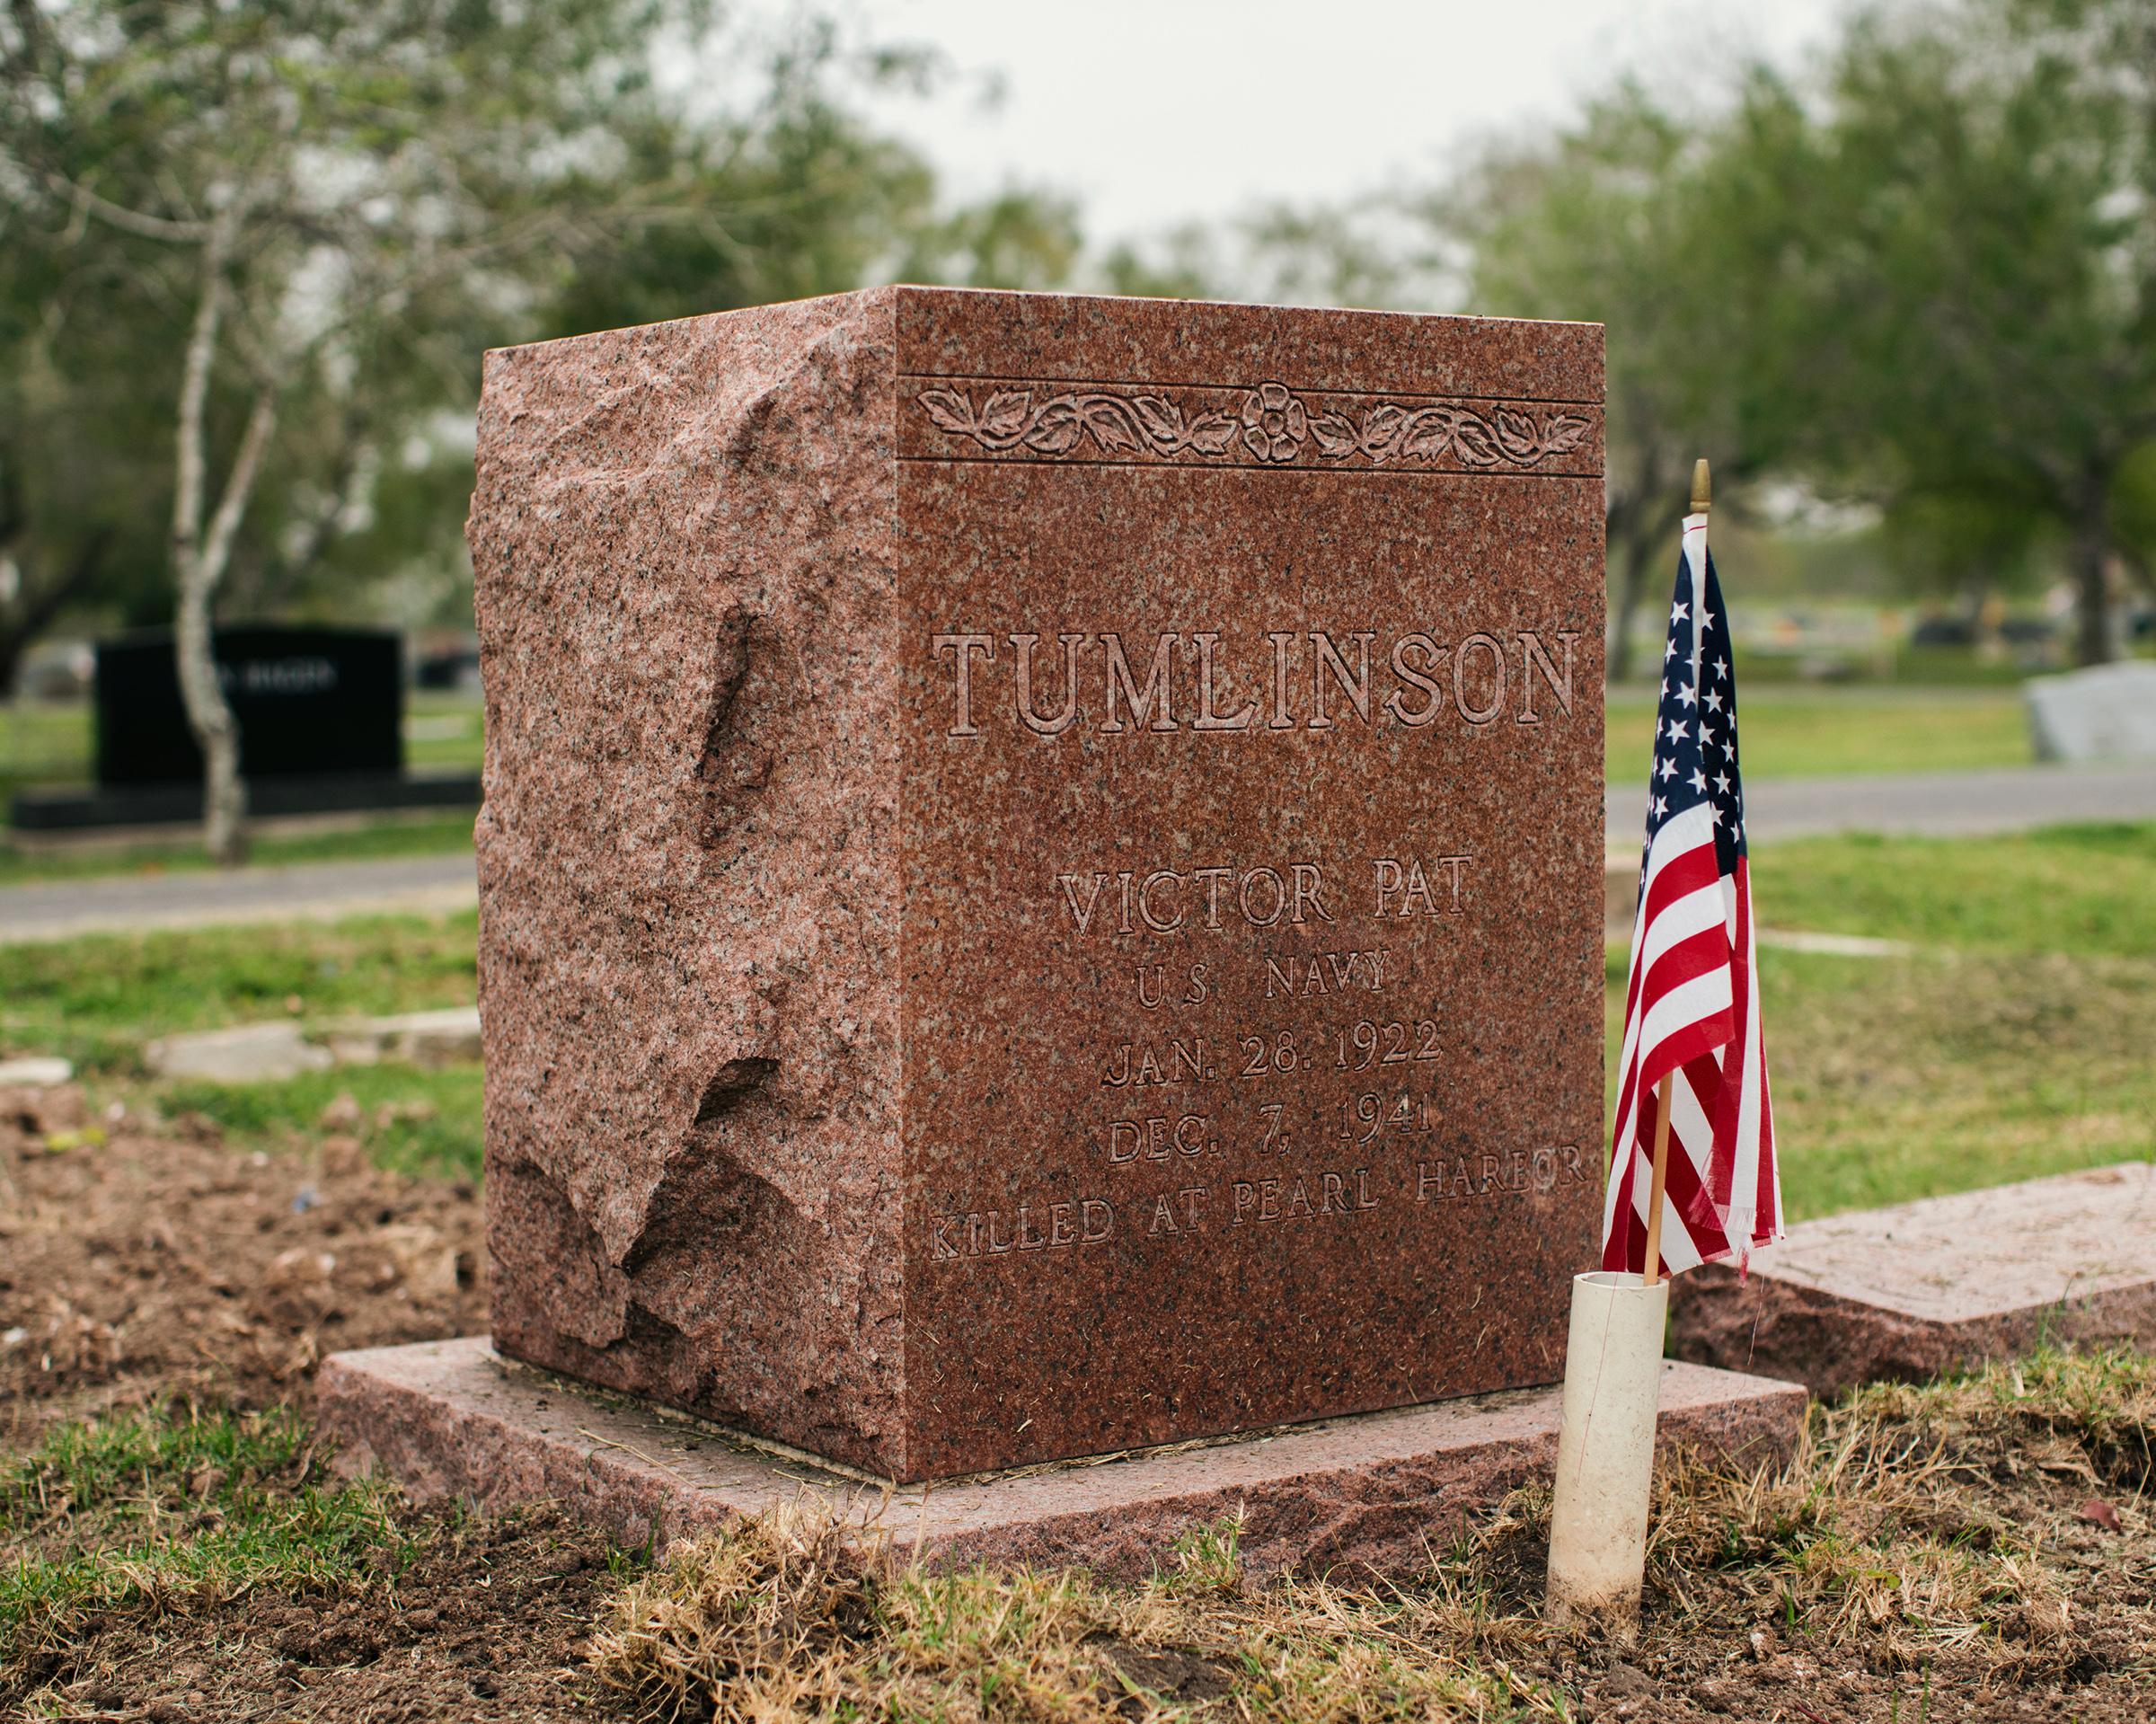 Victor 'Pat' Tumlinson's grave marker at Raymondville Memorial Cemetery in Raymondville, TX.